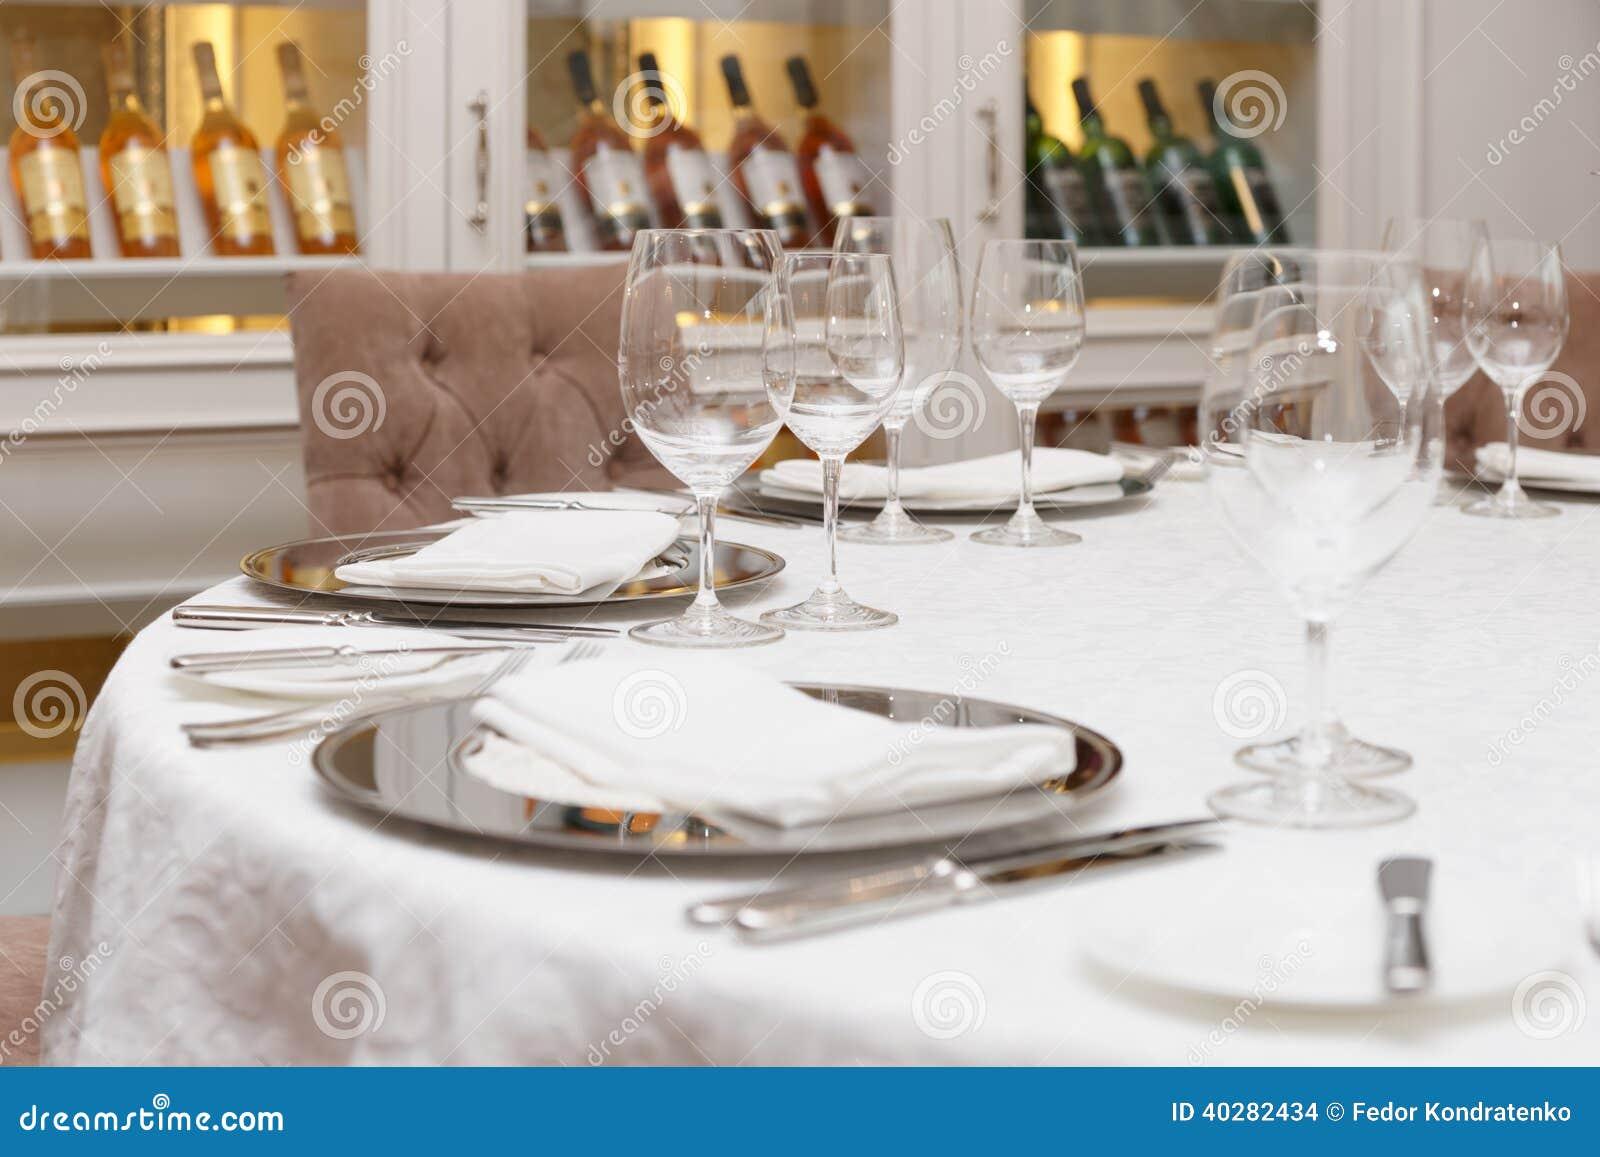 Расположение таблицы в дорогом ресторане